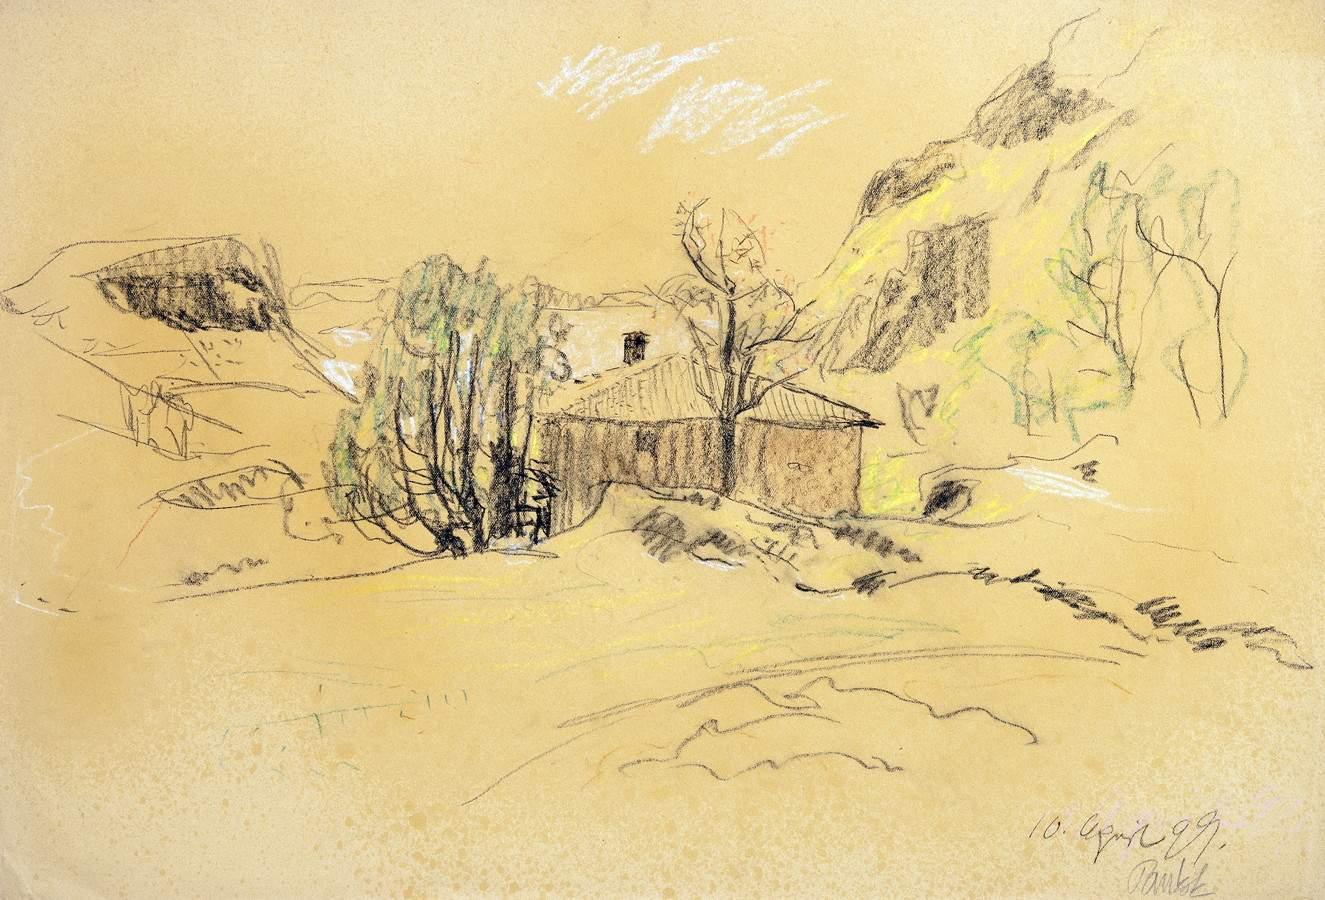 Bernhard Pankok. Landschaft am Gardasee. Farbige Pastellkreiden. 1899. 32,2 : 47,0 cm. Signiert